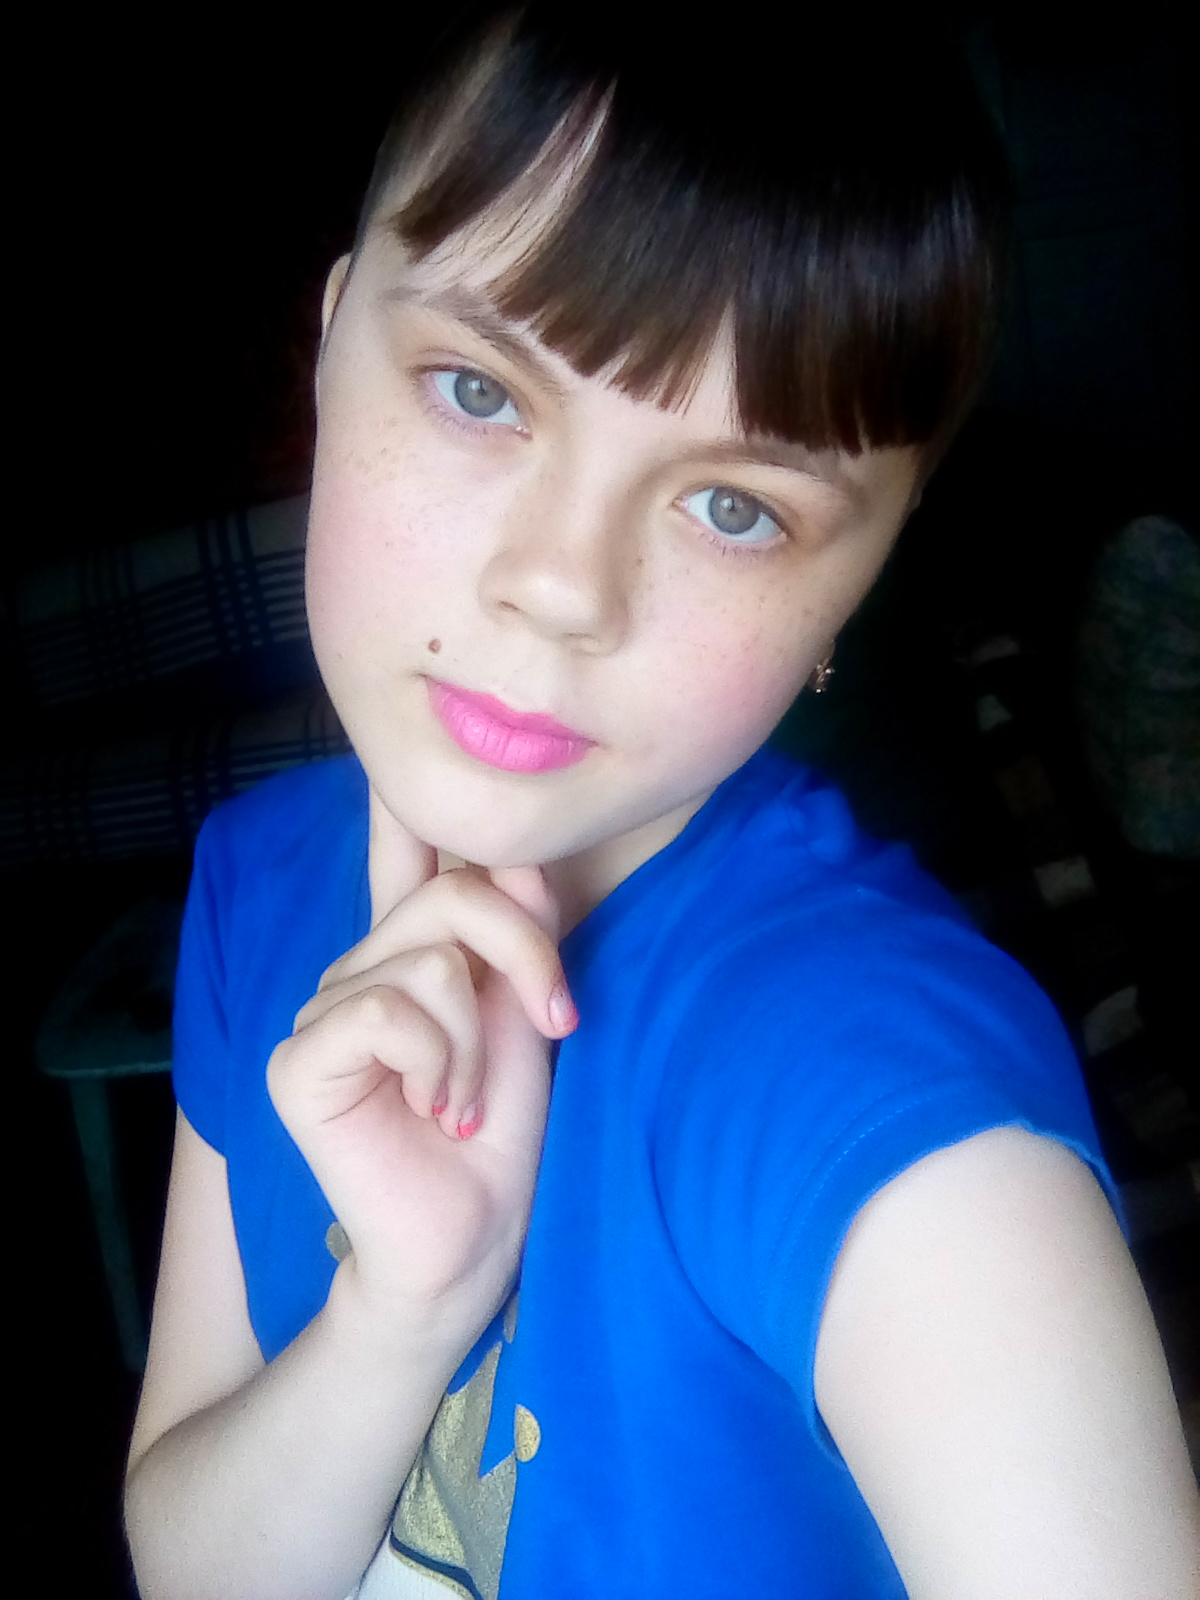 Требуется помощь: 13-летняя бийчанка Олеся Астапенко борется сразу с двумя страшными заболеваниями